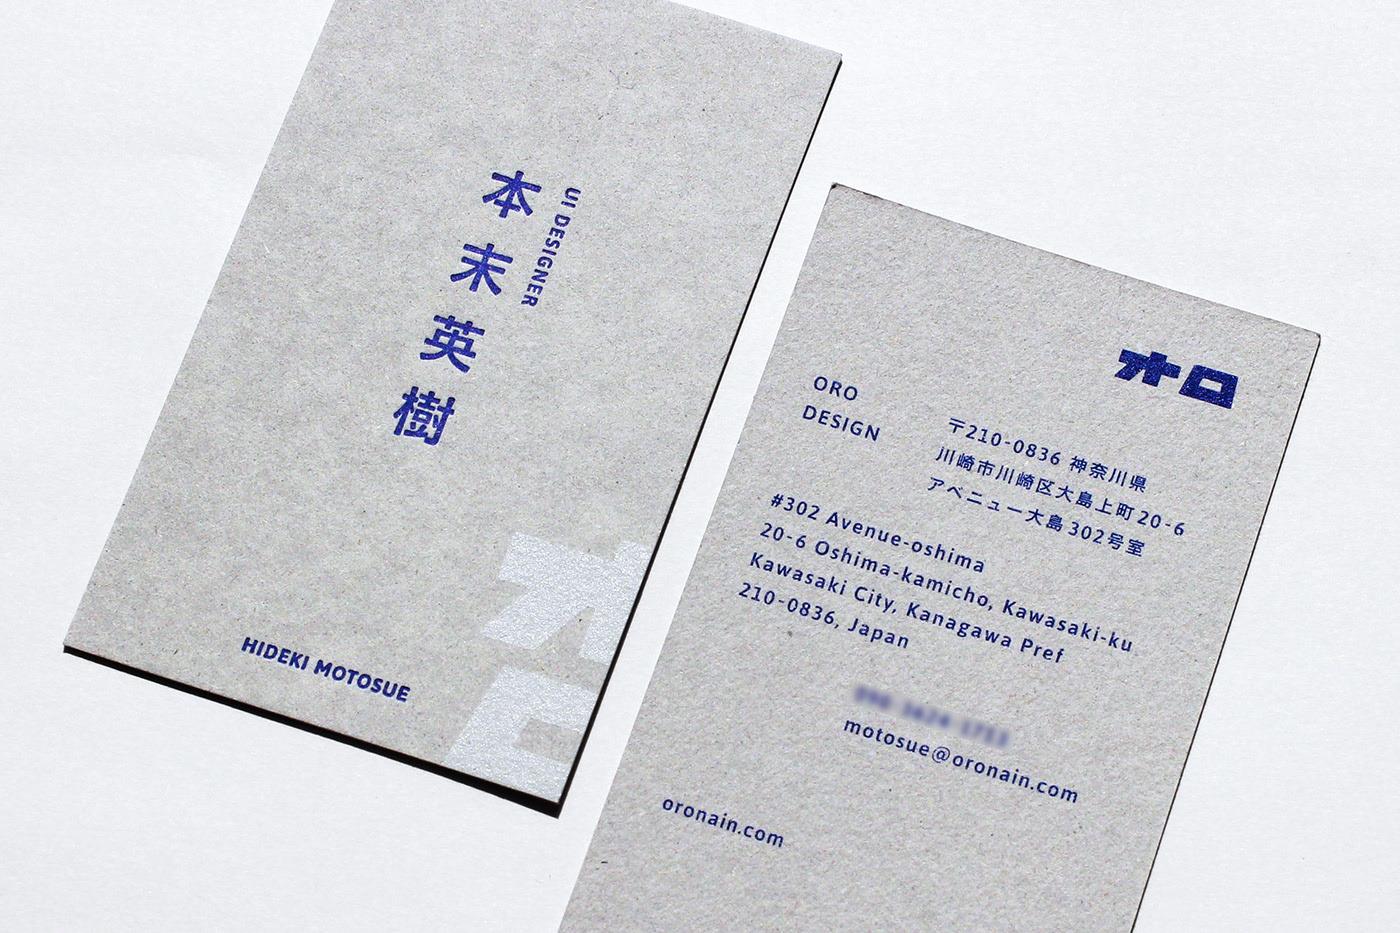 灰卡名片設計-凸版